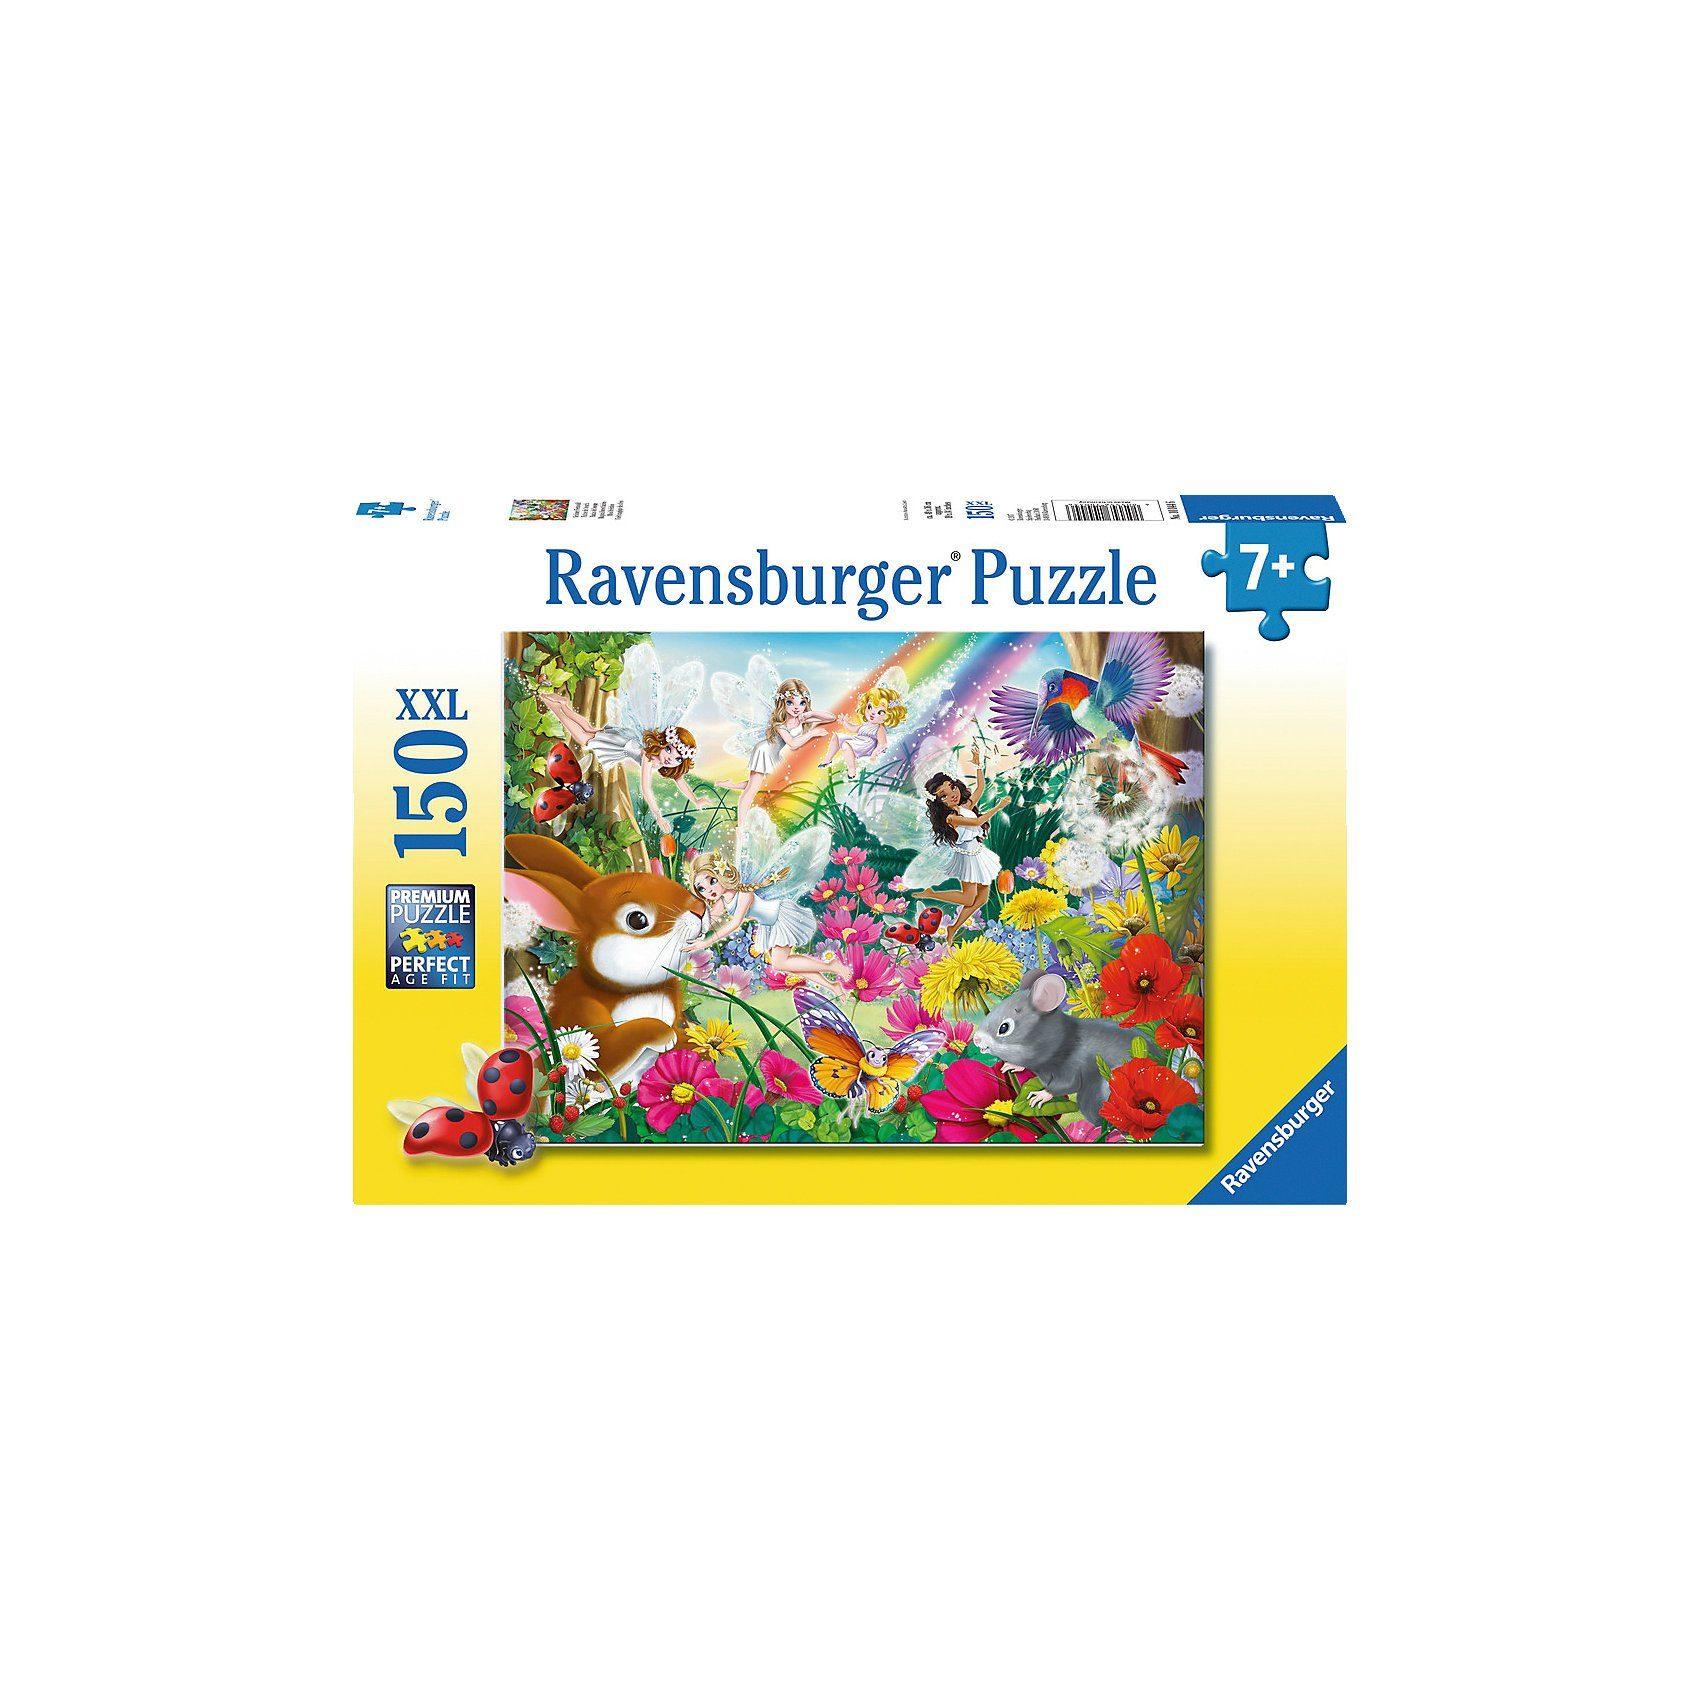 Ravensburger Puzzle, 150 Teile XXL, 49x36 cm, Schöner Feenwald